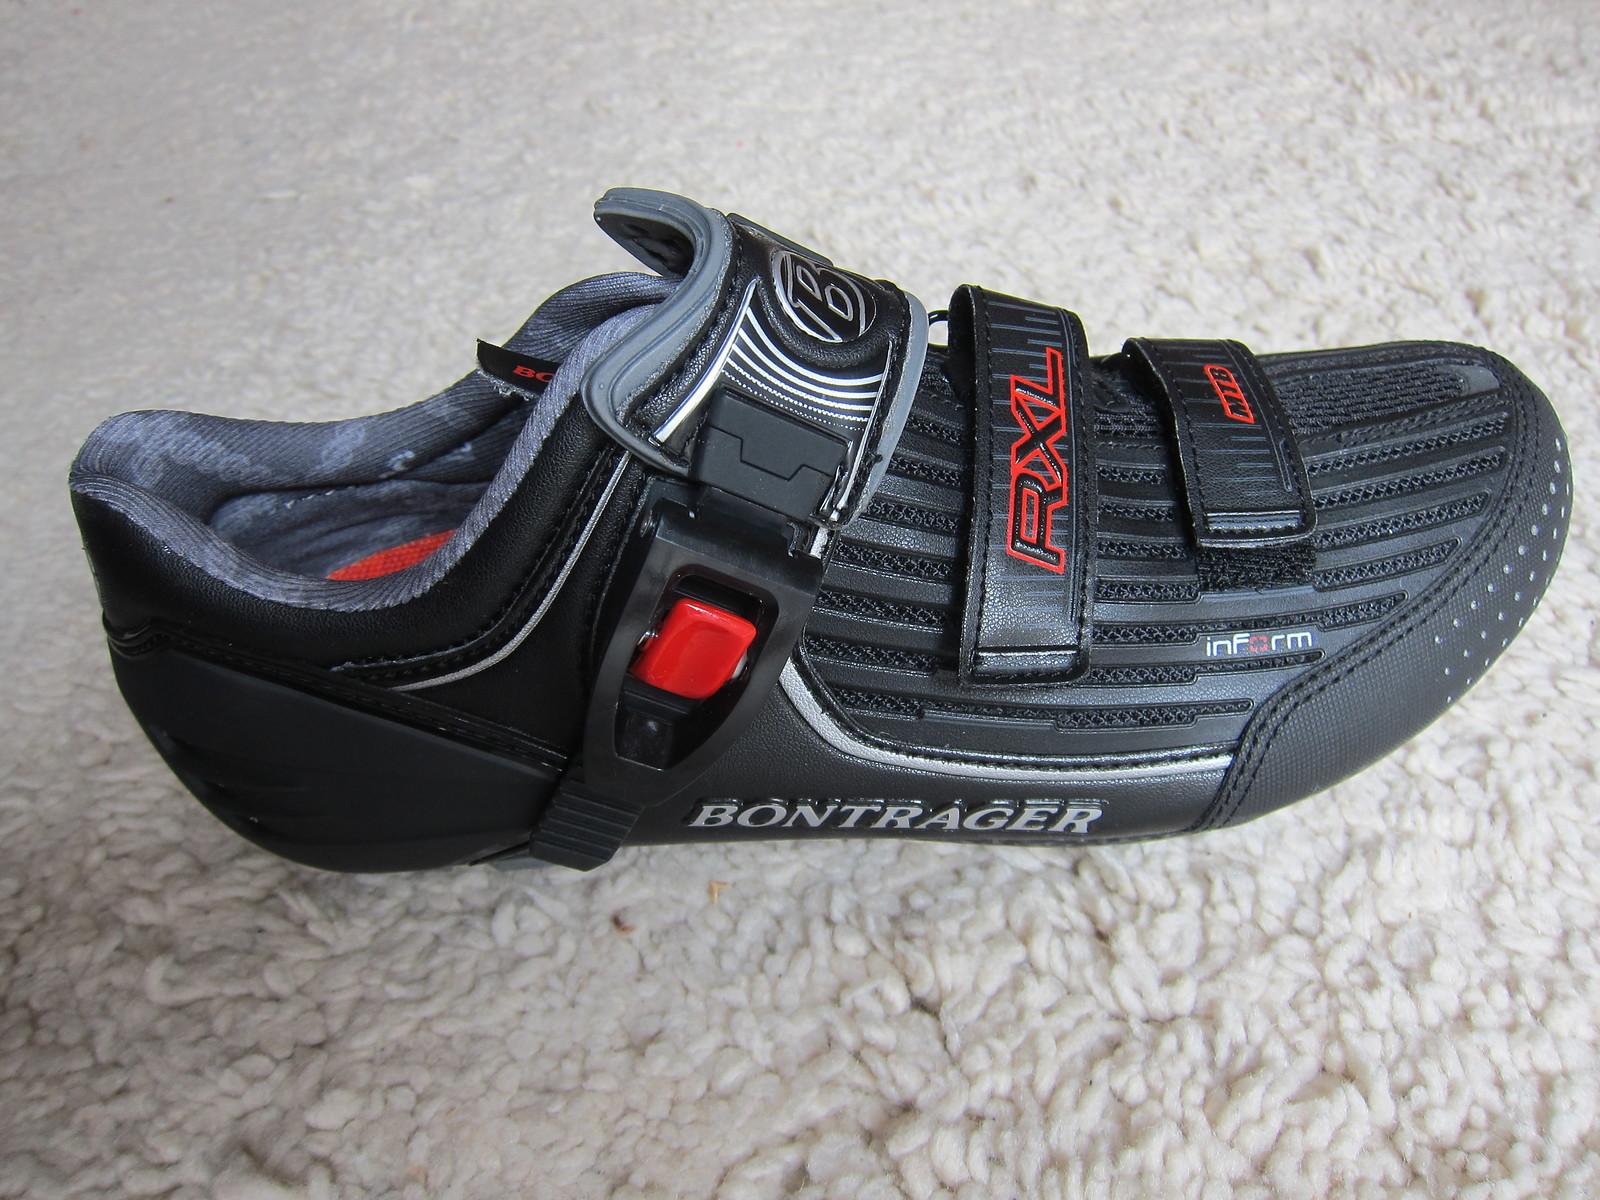 sports shoes 5a4d9 03b24 Bontrager RXL Mountainbike Race Schuhe Gr 43 NEU | Bikemarkt ...